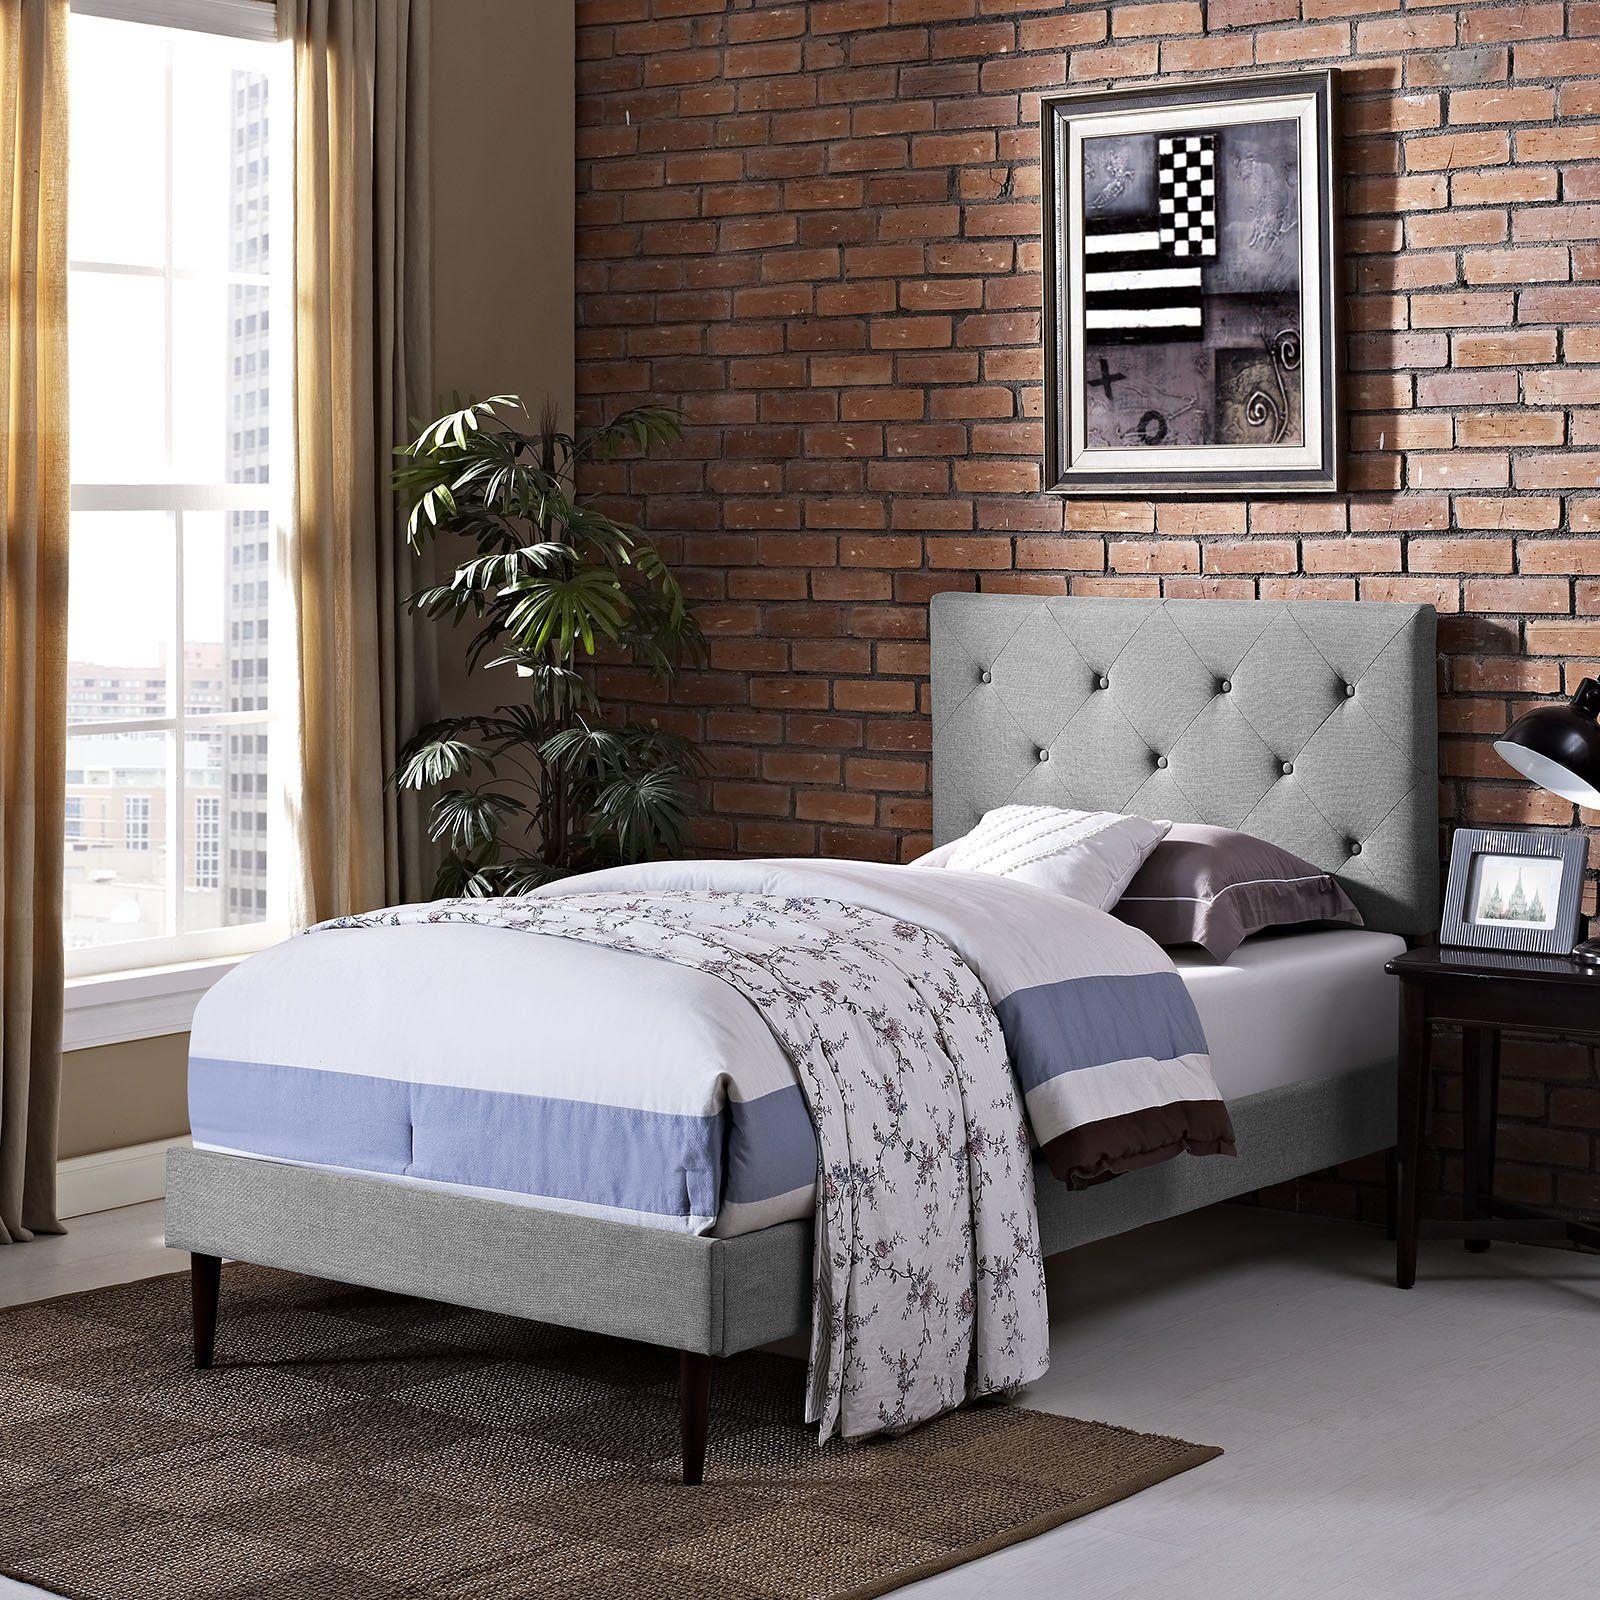 Terisa platform bed. 289.99 Upholstered platform bed